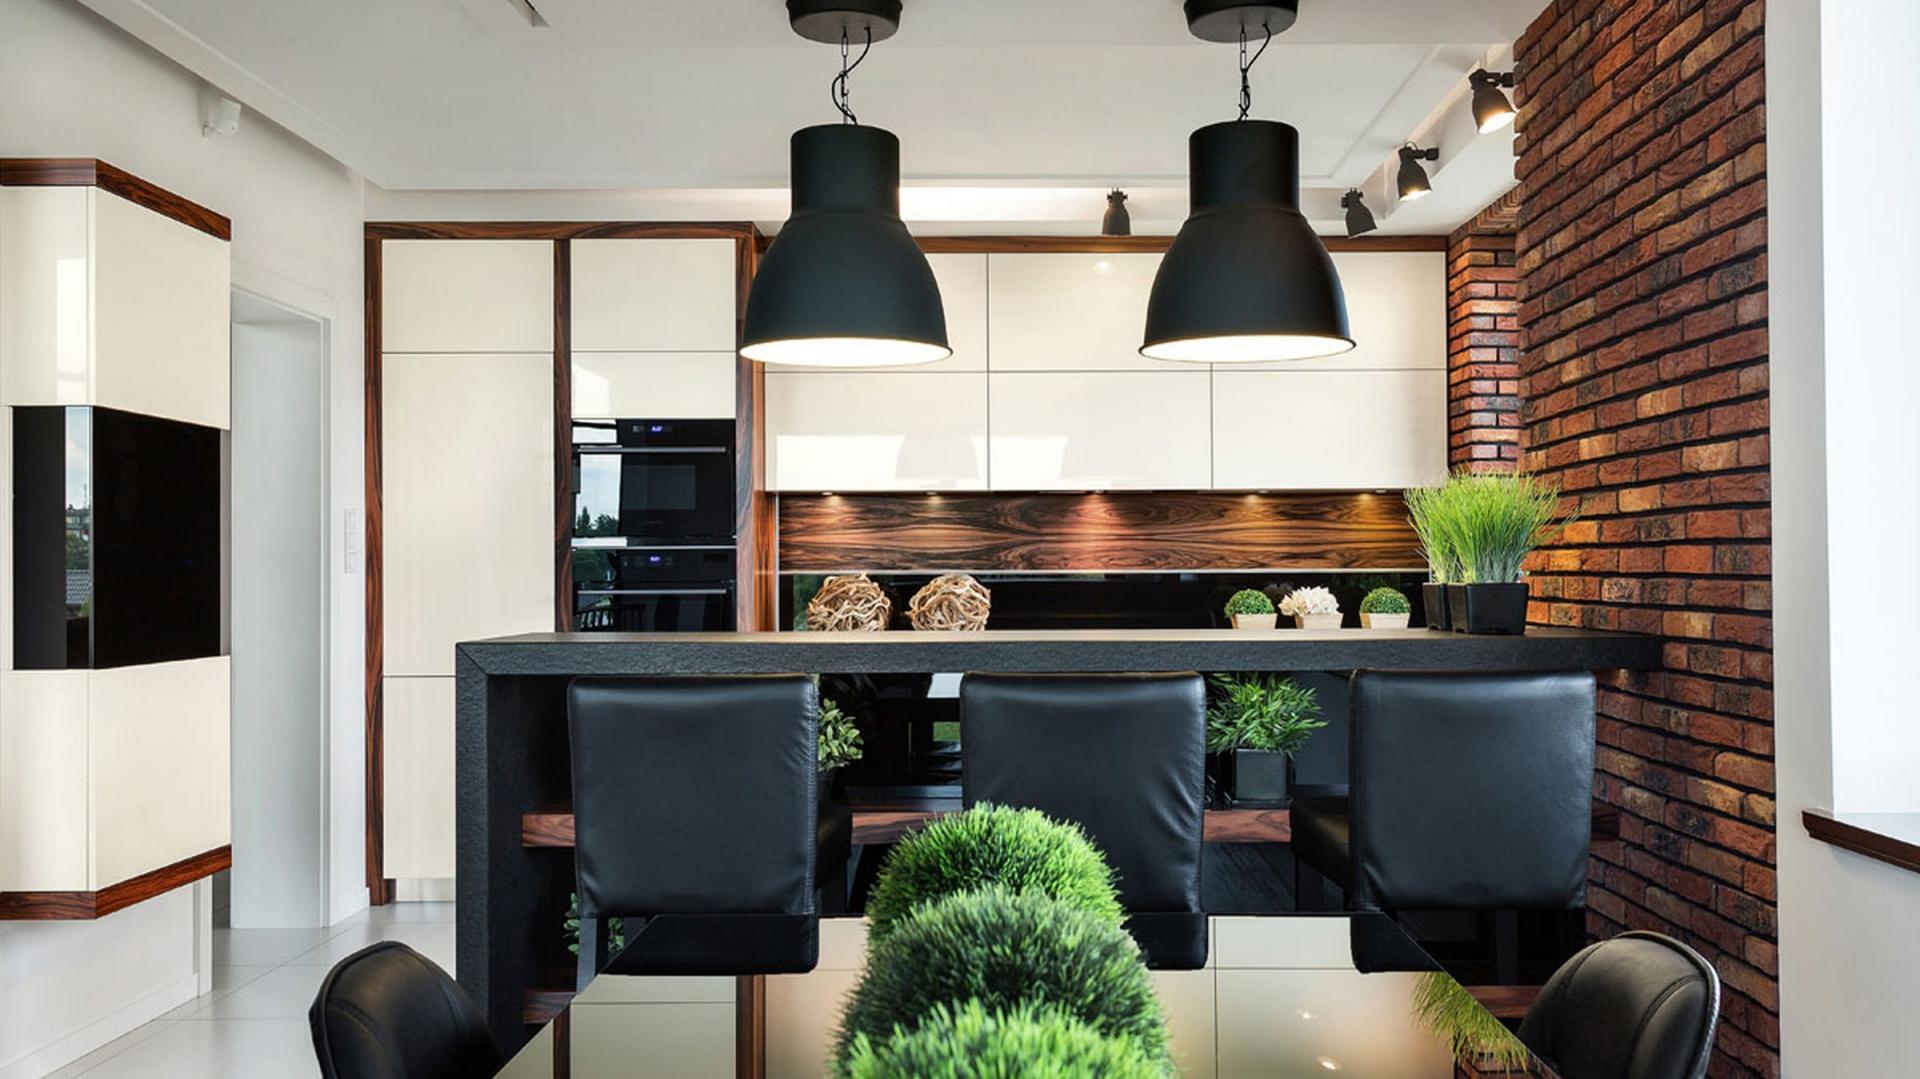 Aranżacja tej kuchni Cegła w kuchni Tak urządzisz   -> Kuchnia I Cegla